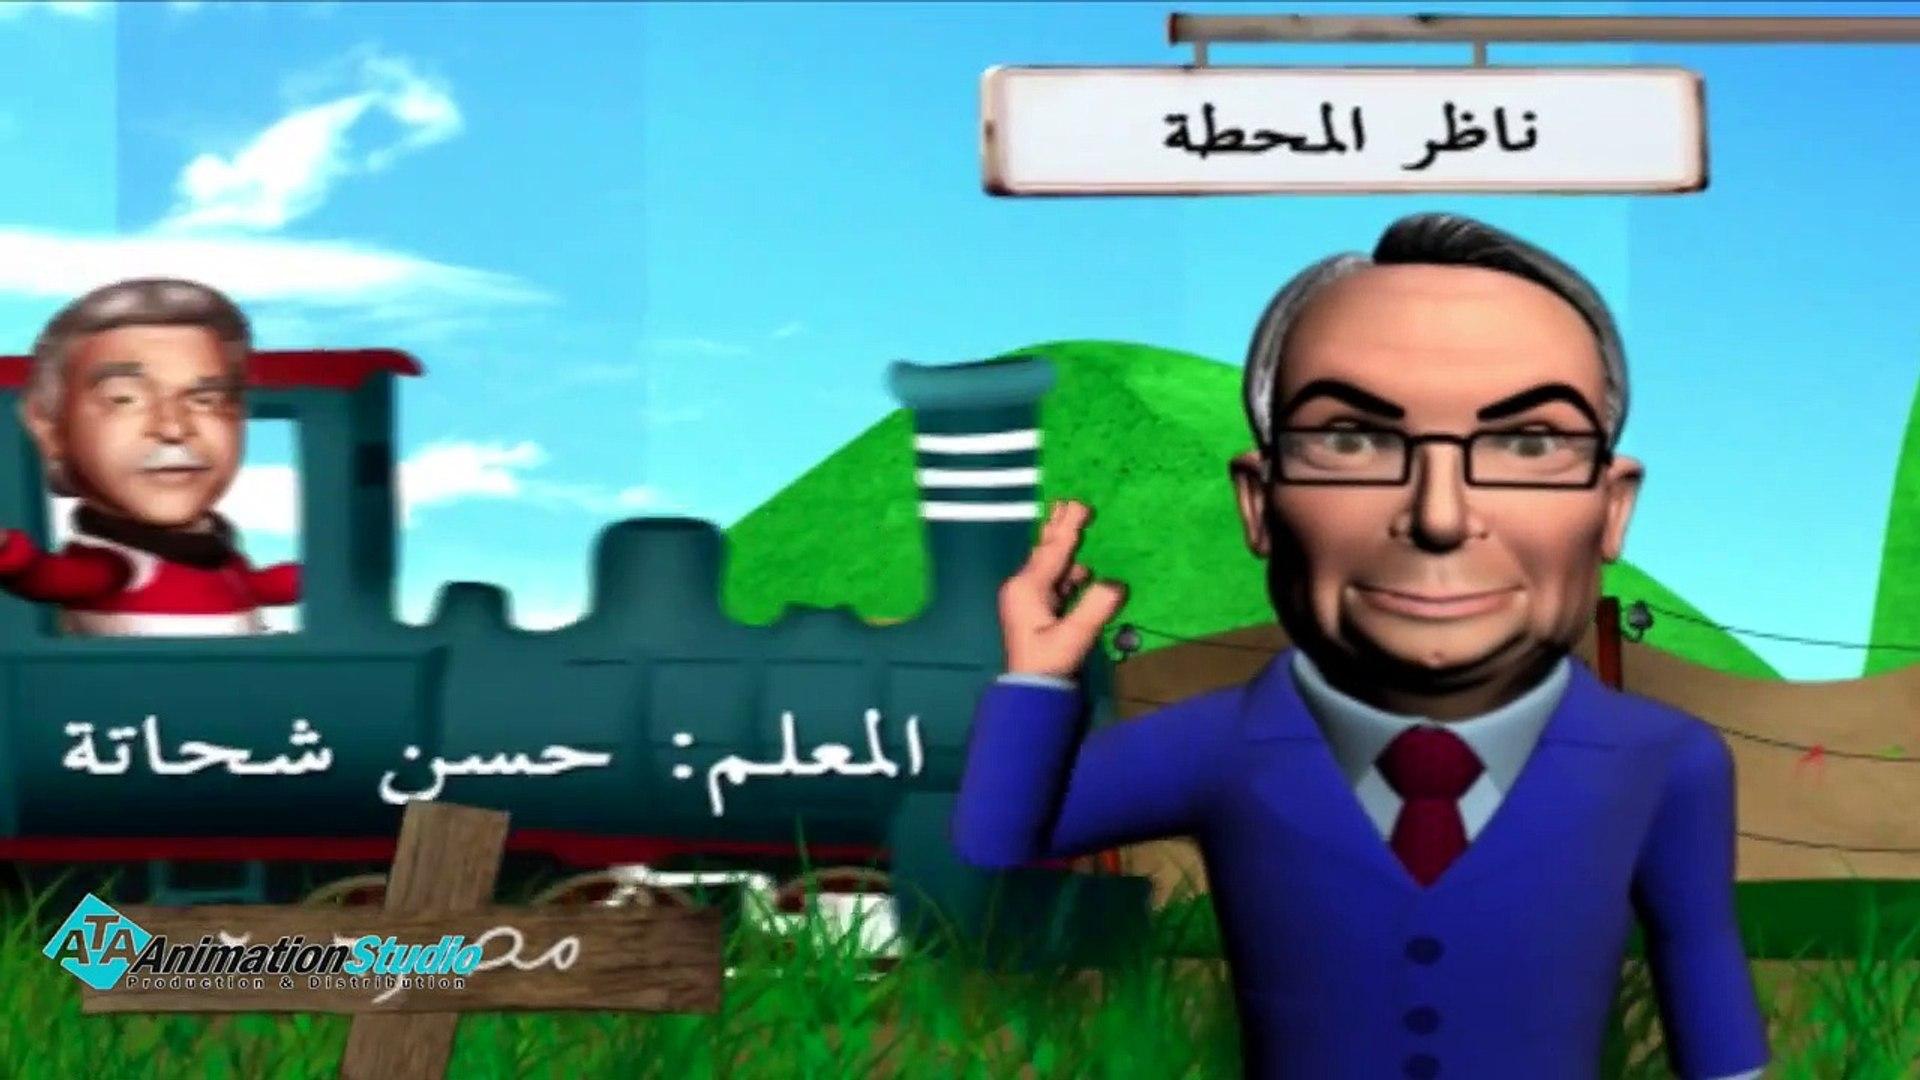 Welad Eleih_ part 1 _ Episode _2_ مسلسل ولاد الايه - الجزء الاول - الحلقة الثانية